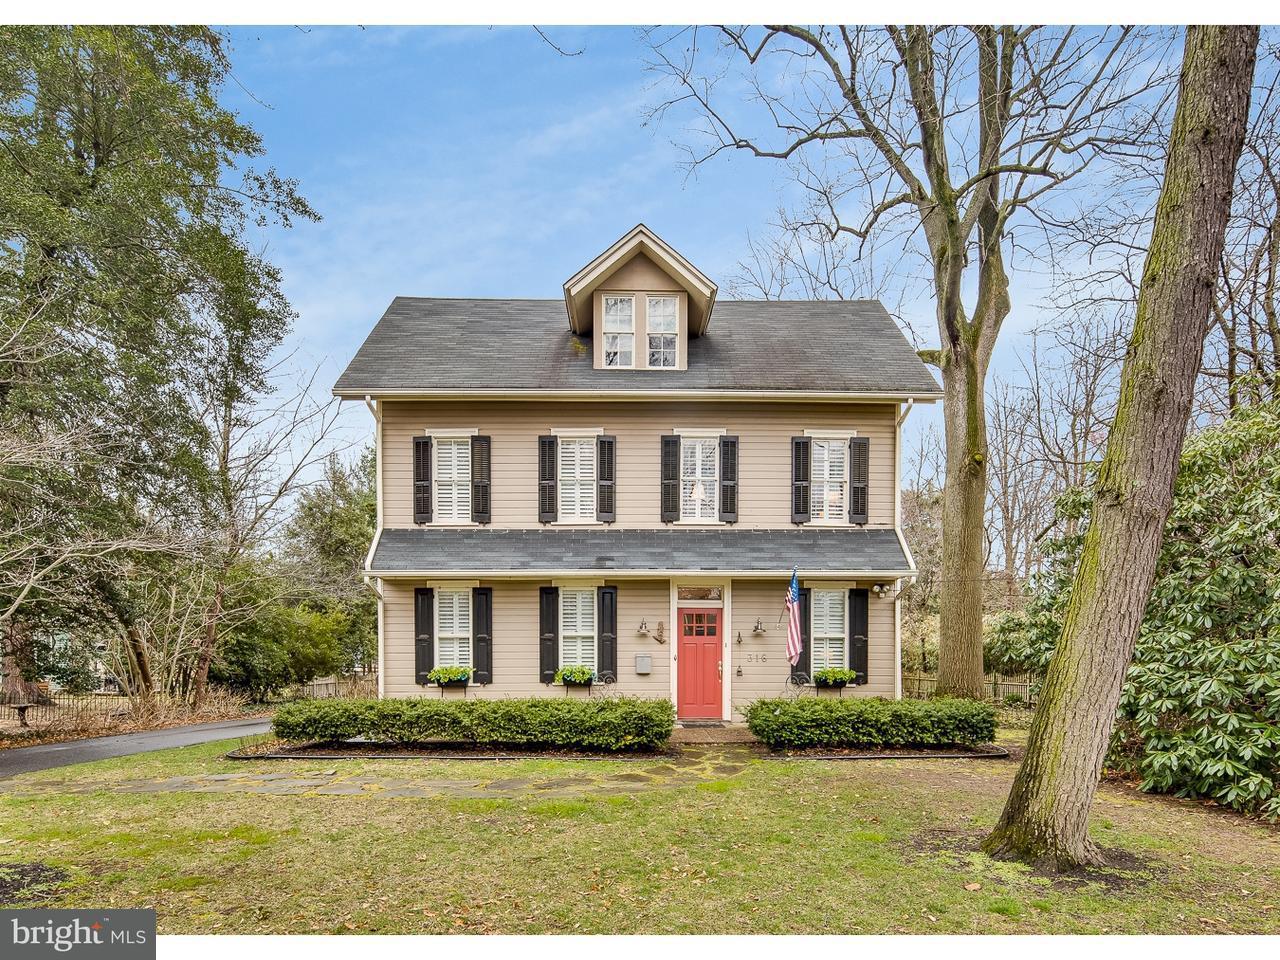 Частный односемейный дом для того Продажа на 316 CLIFF Avenue Edgewater Park, Нью-Джерси 08010 Соединенные Штаты